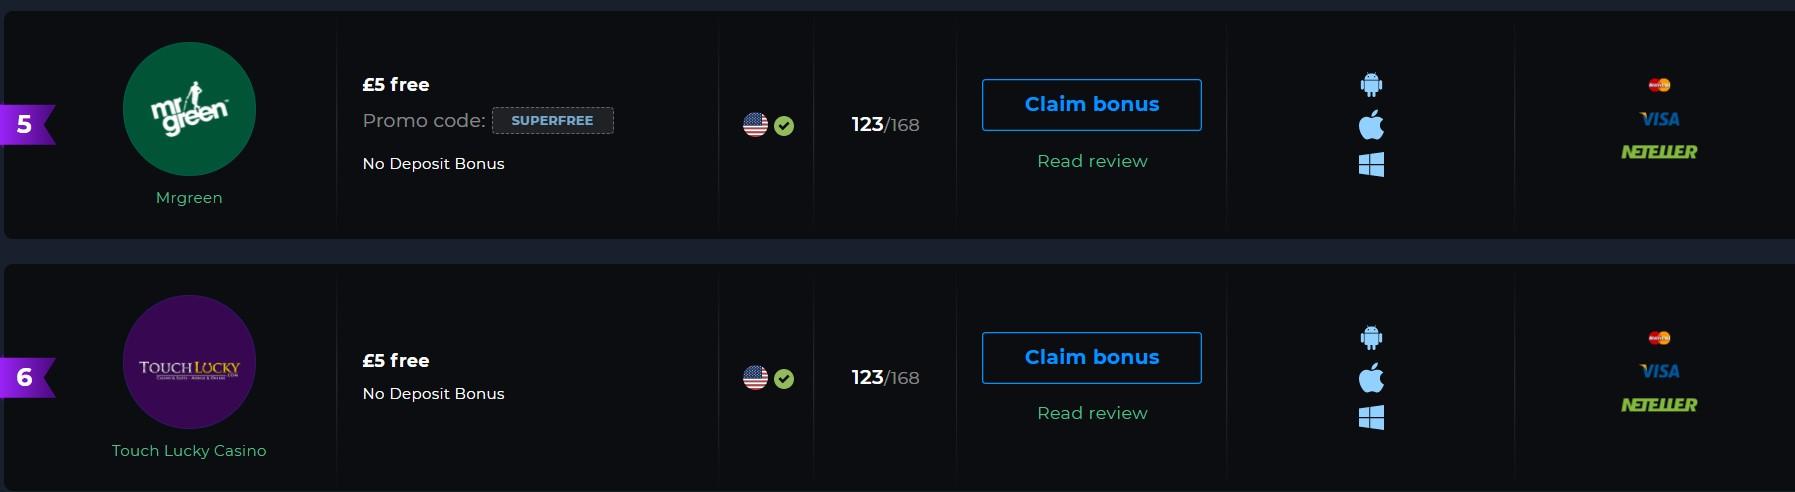 How to Claim 5 Pounds Bonus